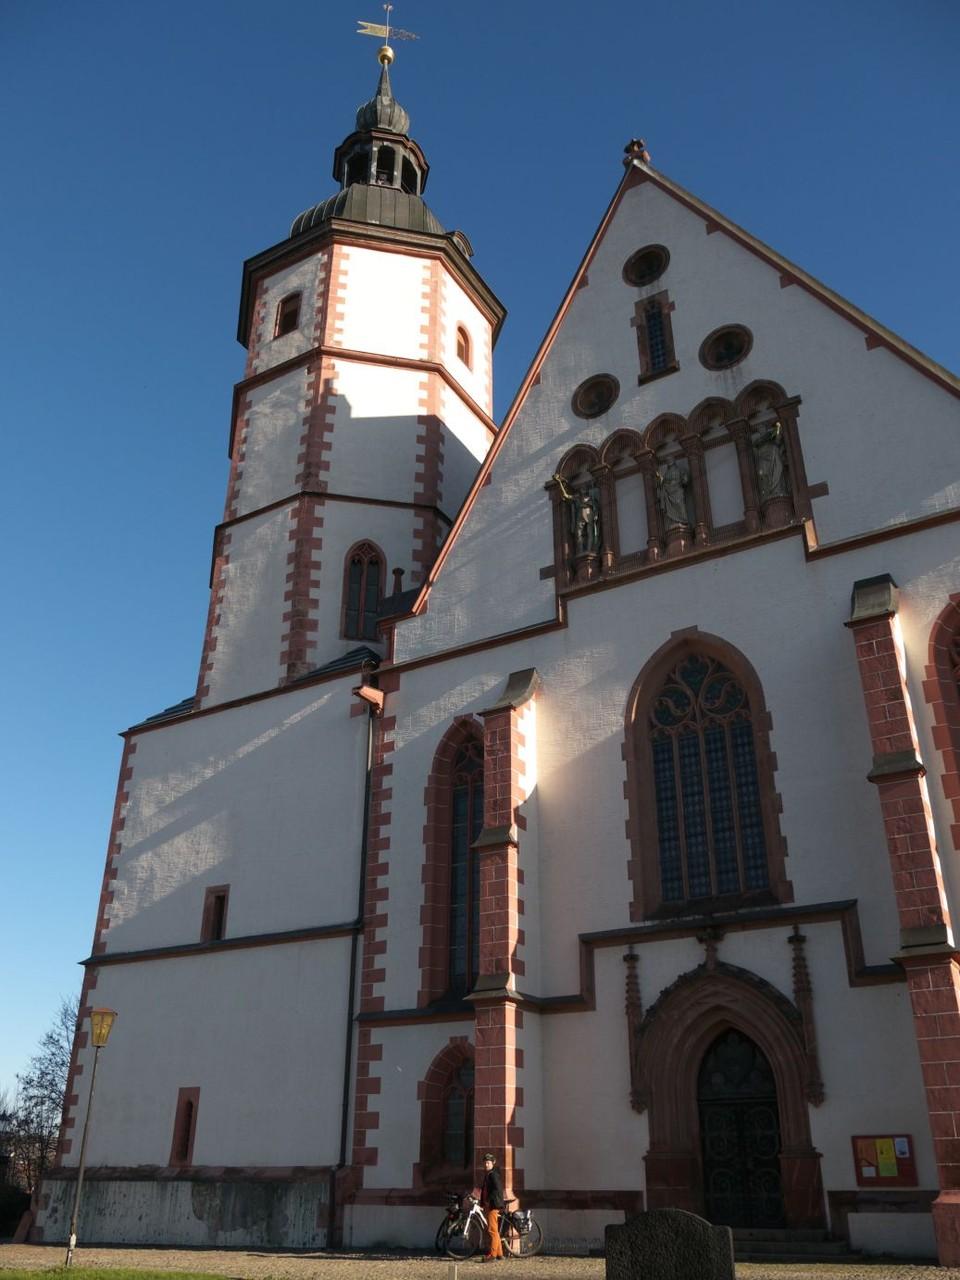 Kirche in Penig